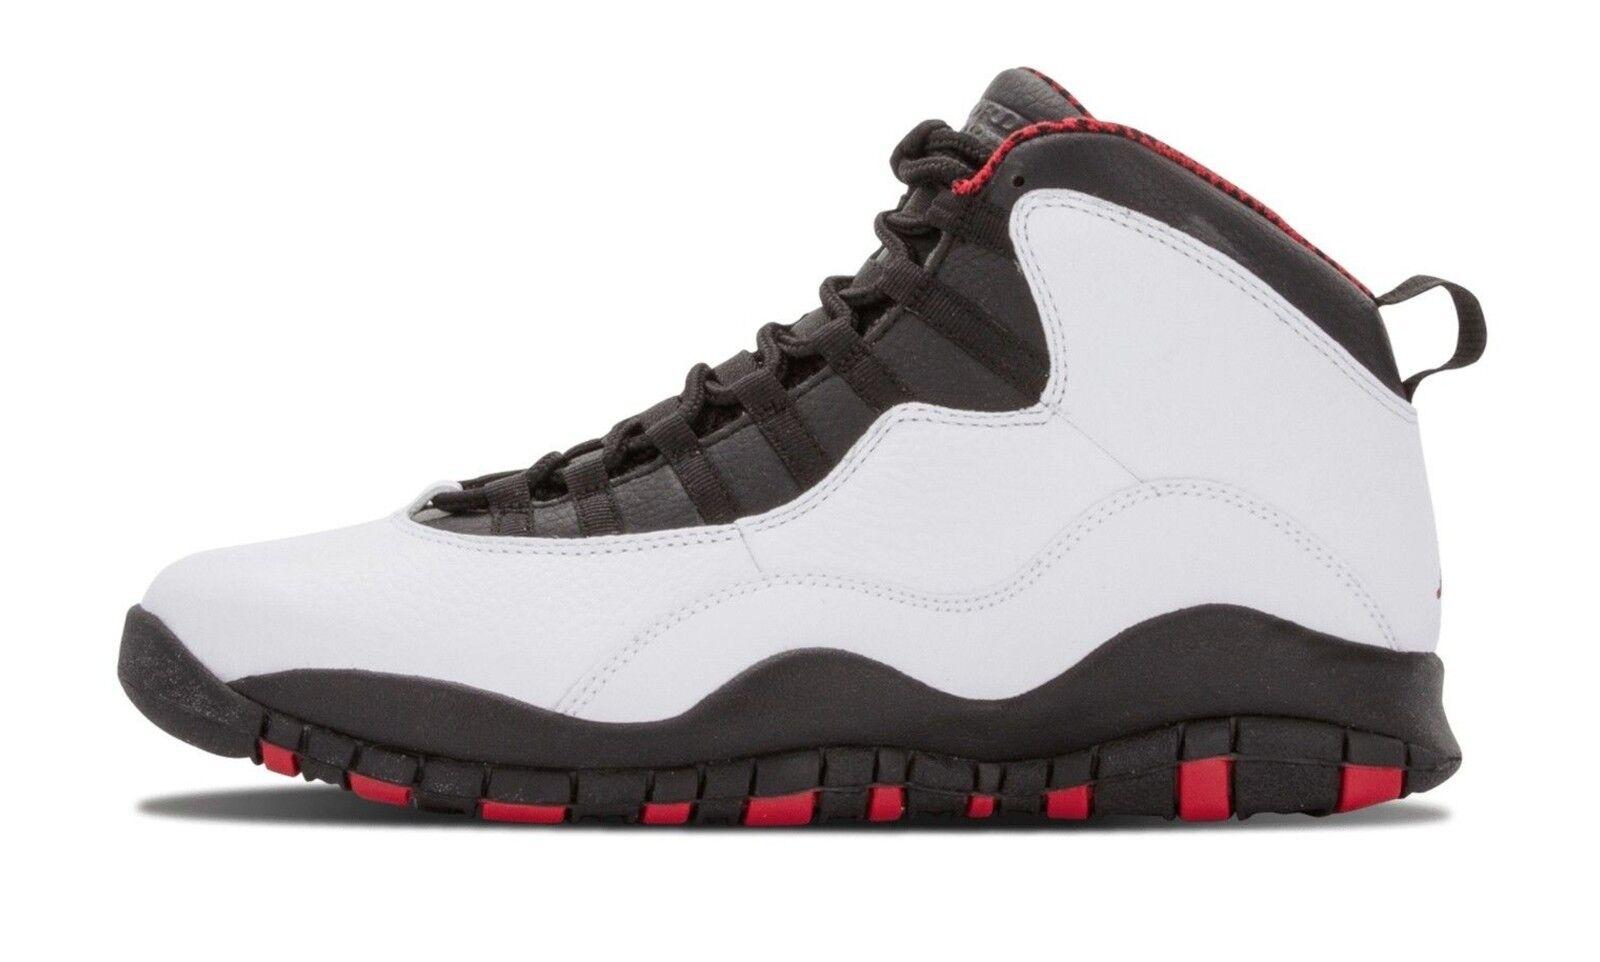 Bnib nike air jordan retrò x 10 chicago 2012 sz: 11 bianco rosso - nero 310805-100